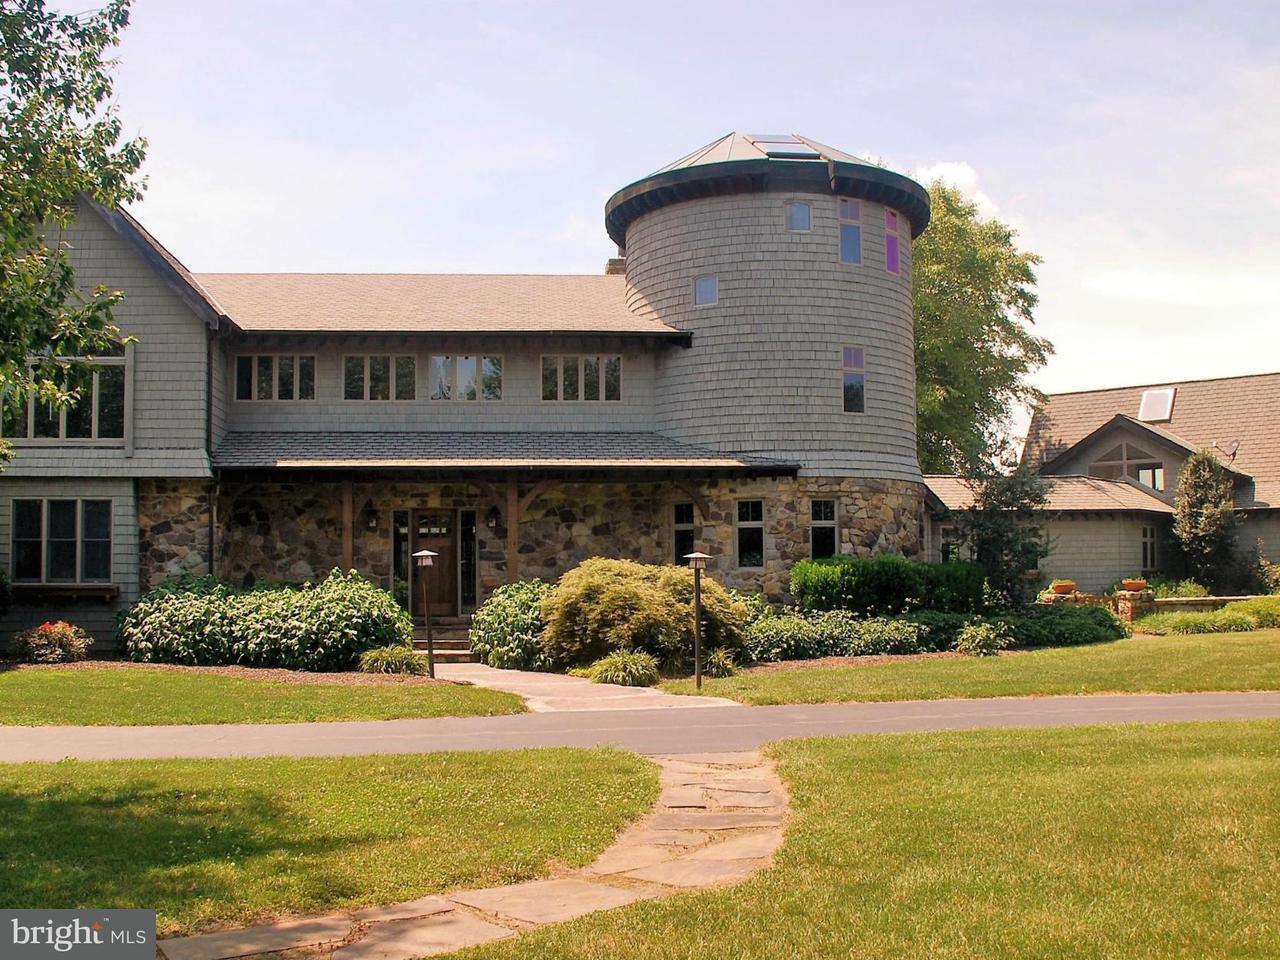 独户住宅 为 销售 在 73 SCOTT Road 73 SCOTT Road Warwick, 马里兰州 21912 美国